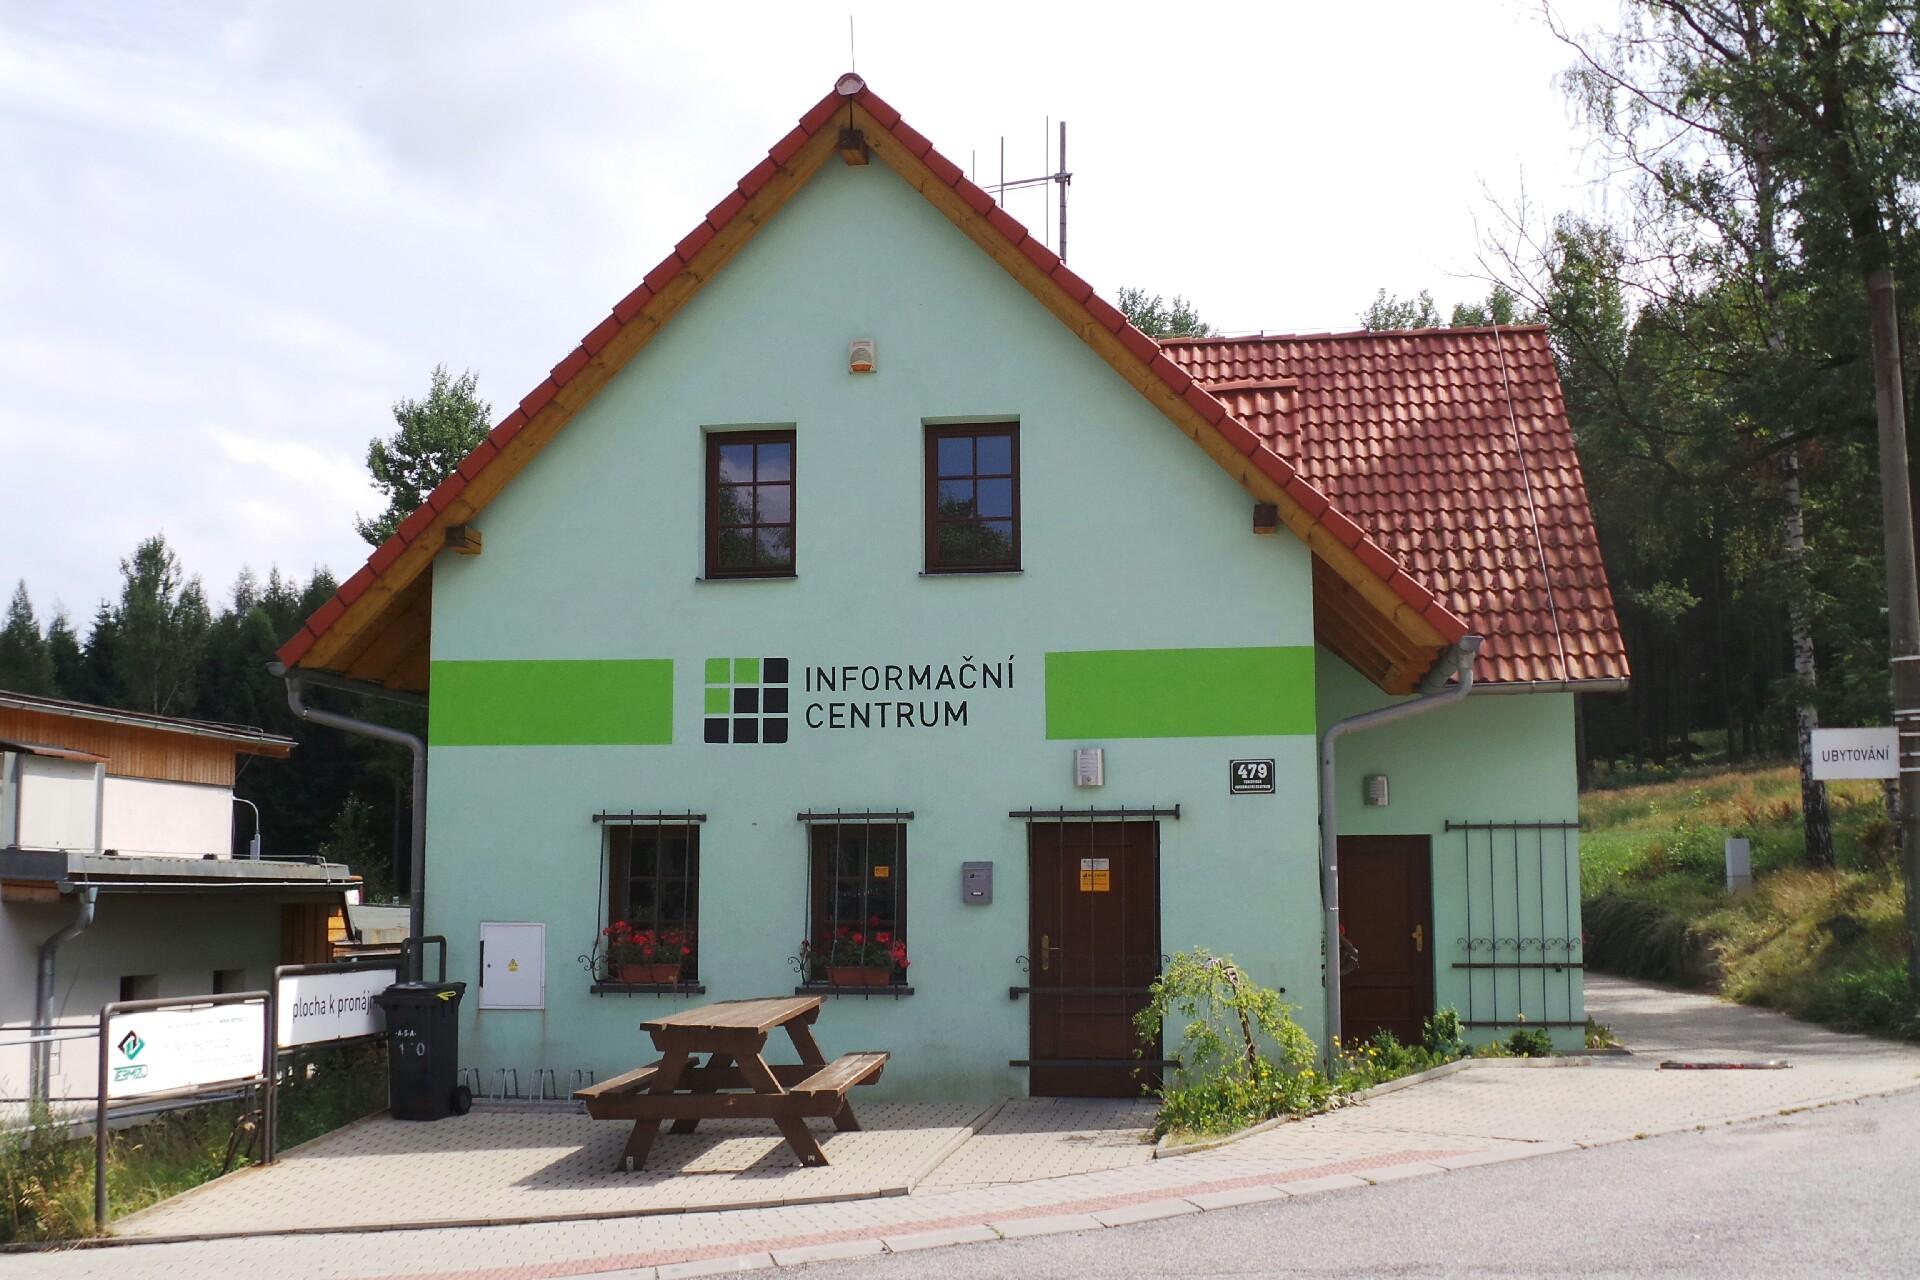 Turistické informační centrum v Liberci